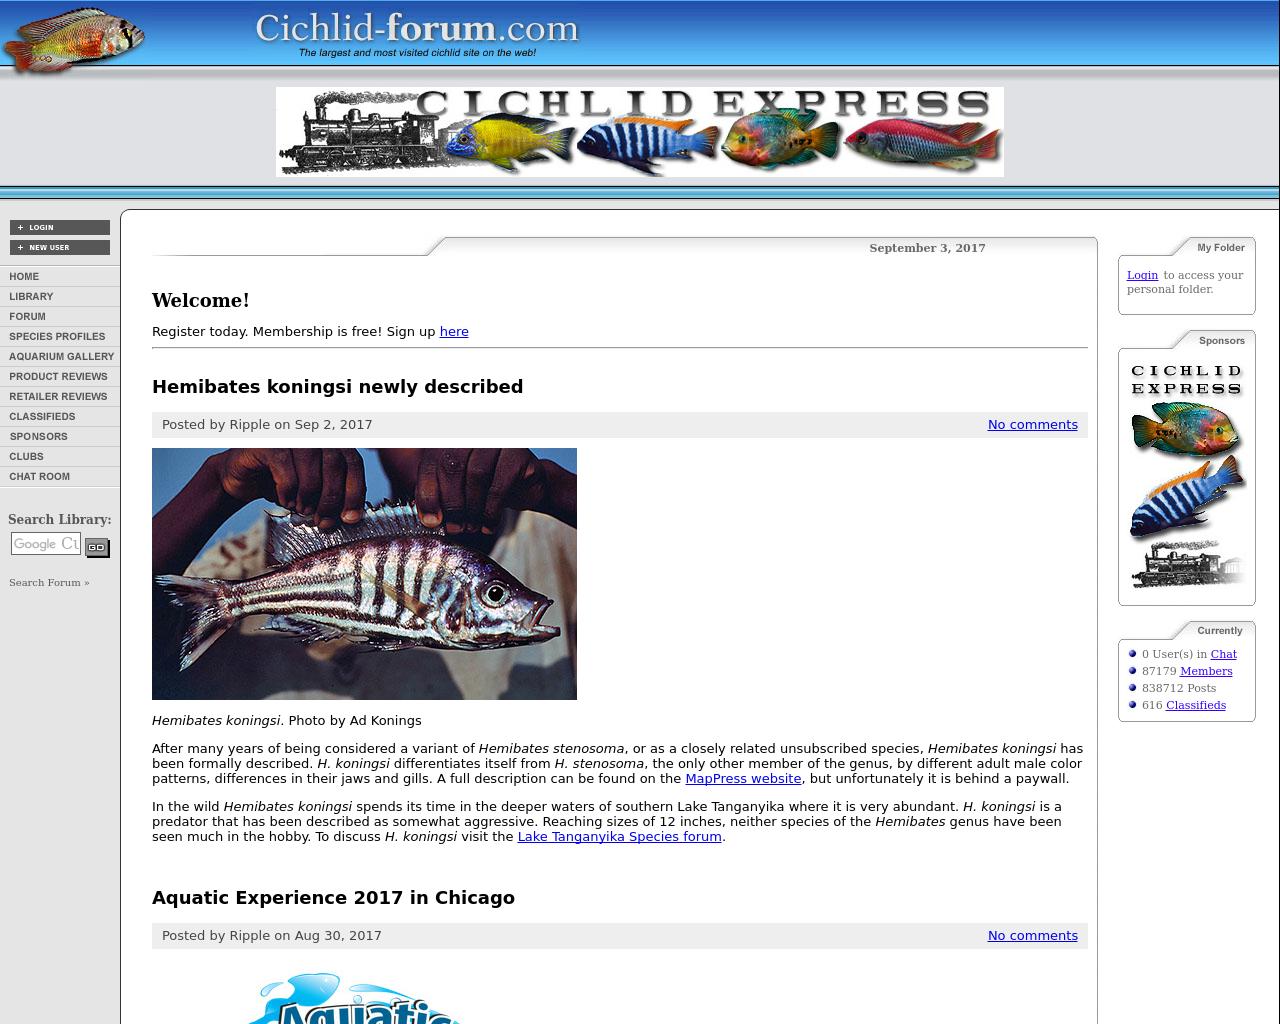 Cichlid-forum.com-Advertising-Reviews-Pricing